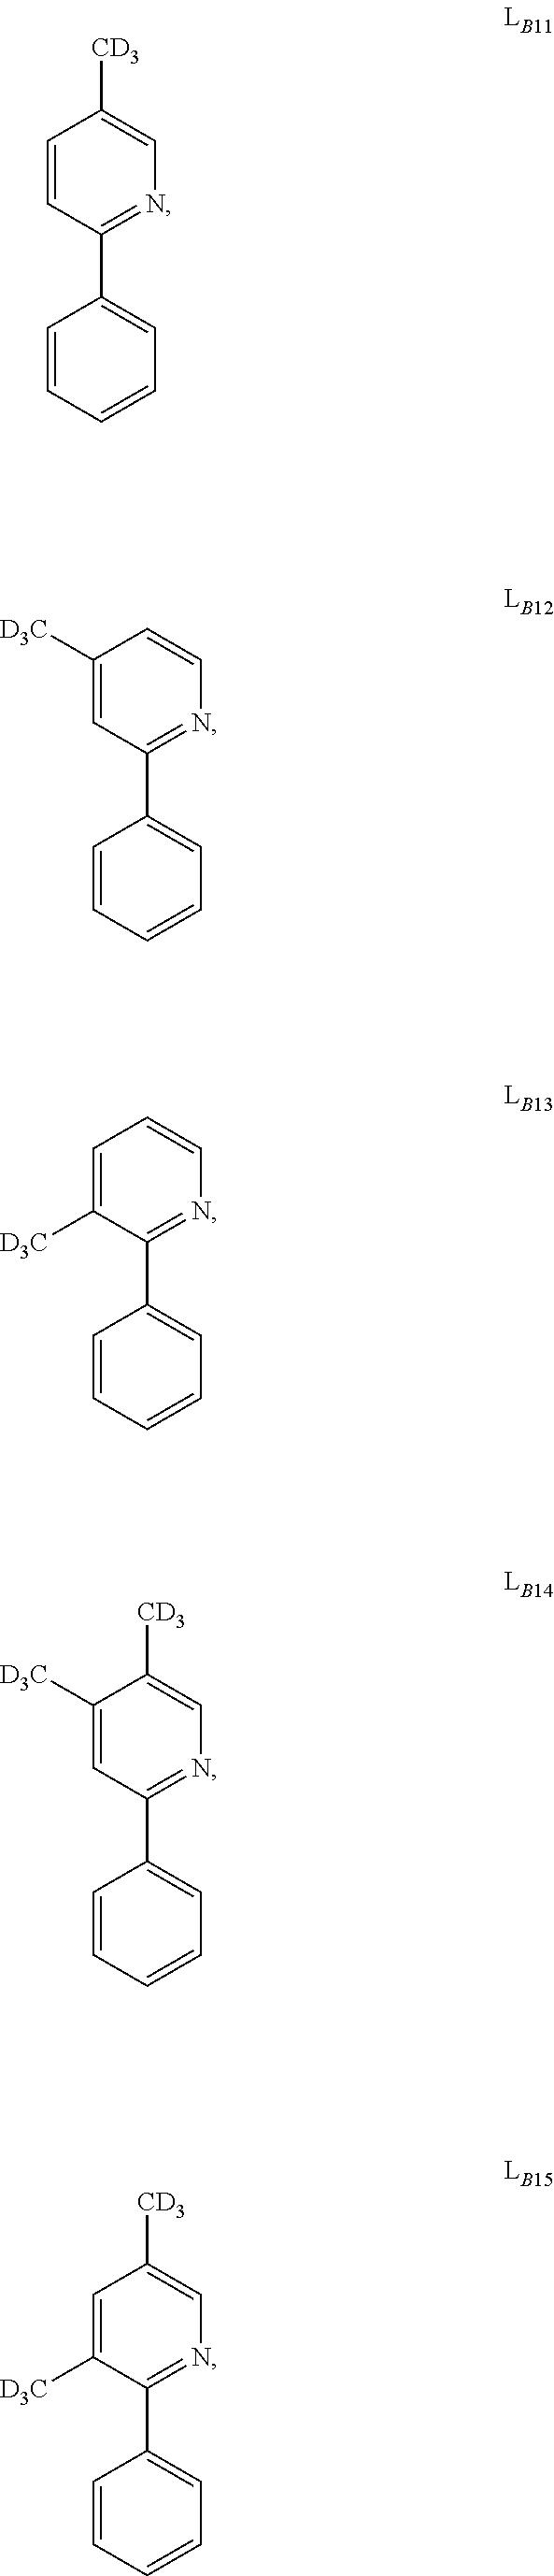 Figure US09634264-20170425-C00299